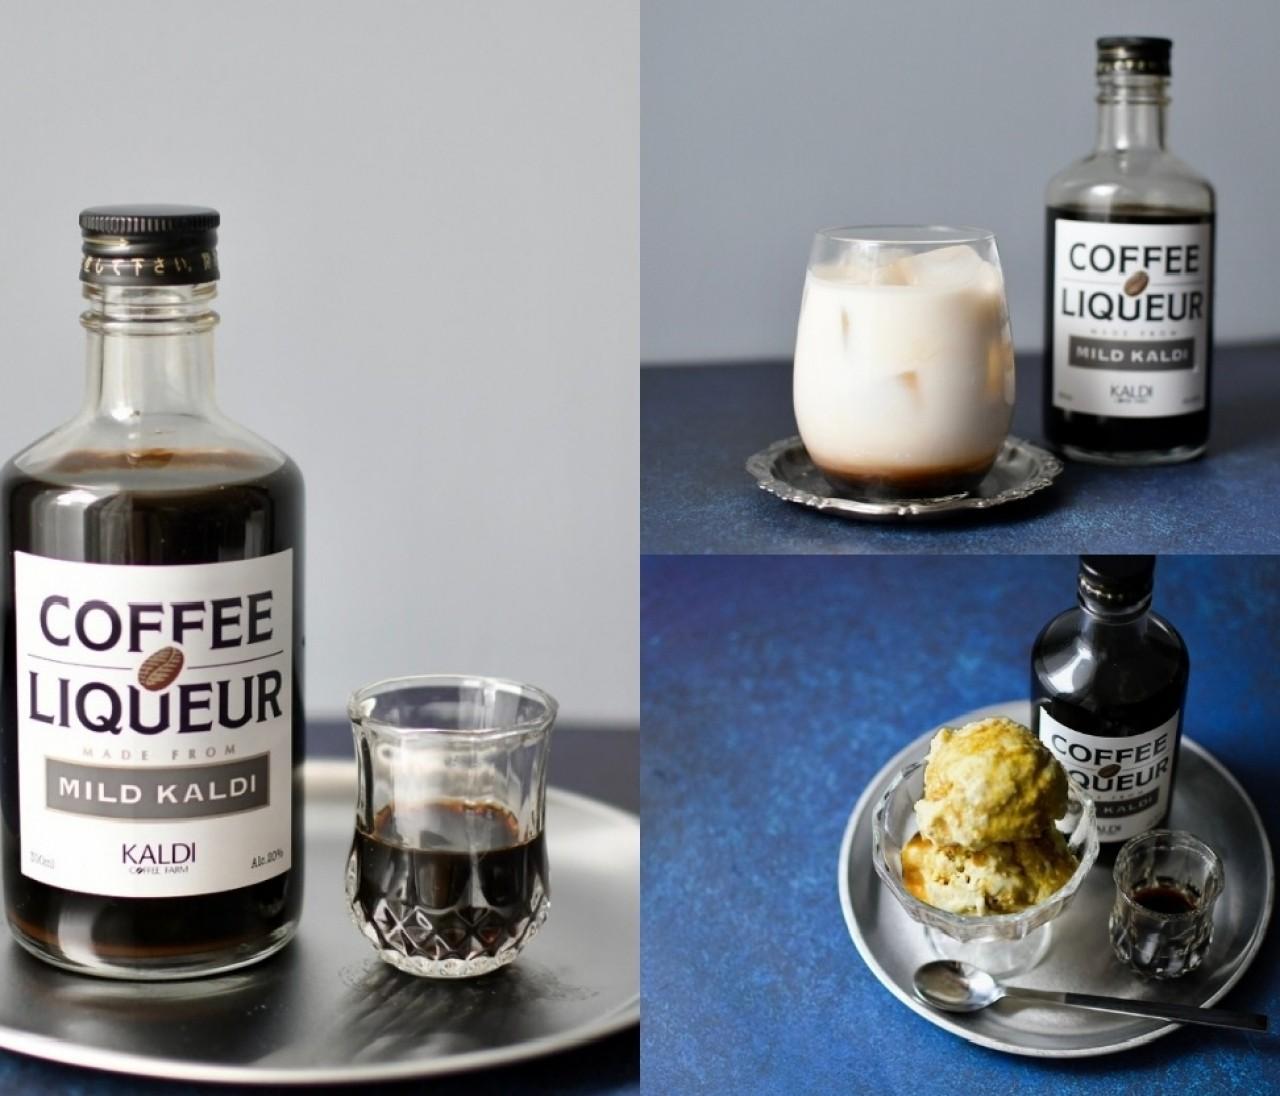 【カルディおすすめ】人気No.1コーヒーがお酒になった!家飲みに「コーヒーリキュール マイルドカルディ」【元フードバイヤーmanamiのコスパなグルメ&スイーツ】